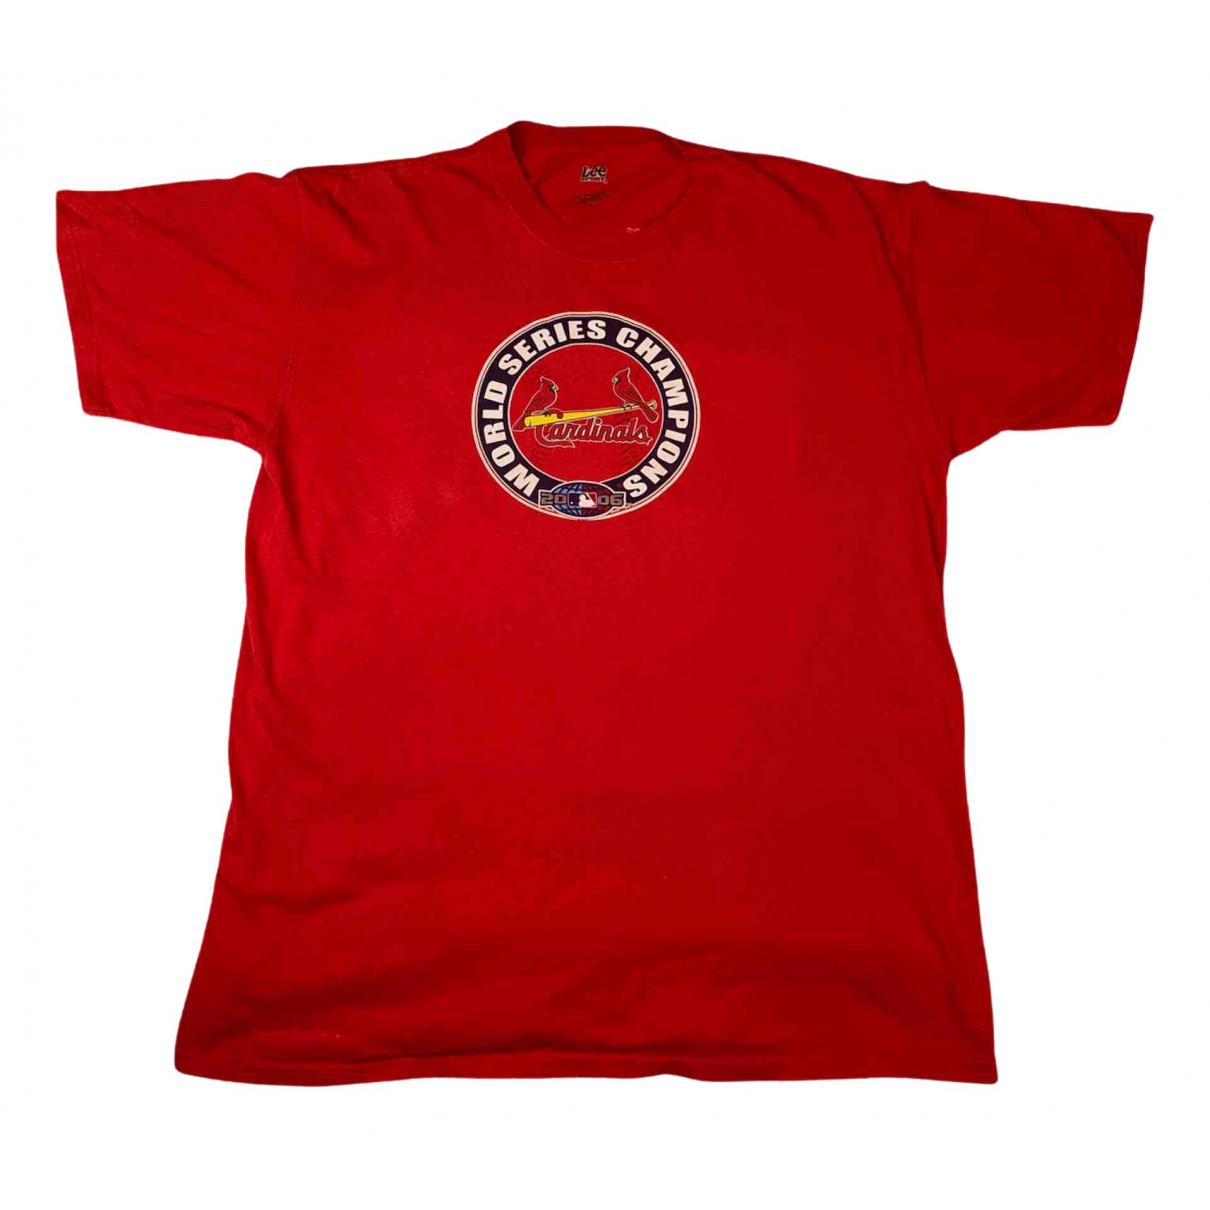 American Vintage - Tee shirts   pour homme en coton - rouge